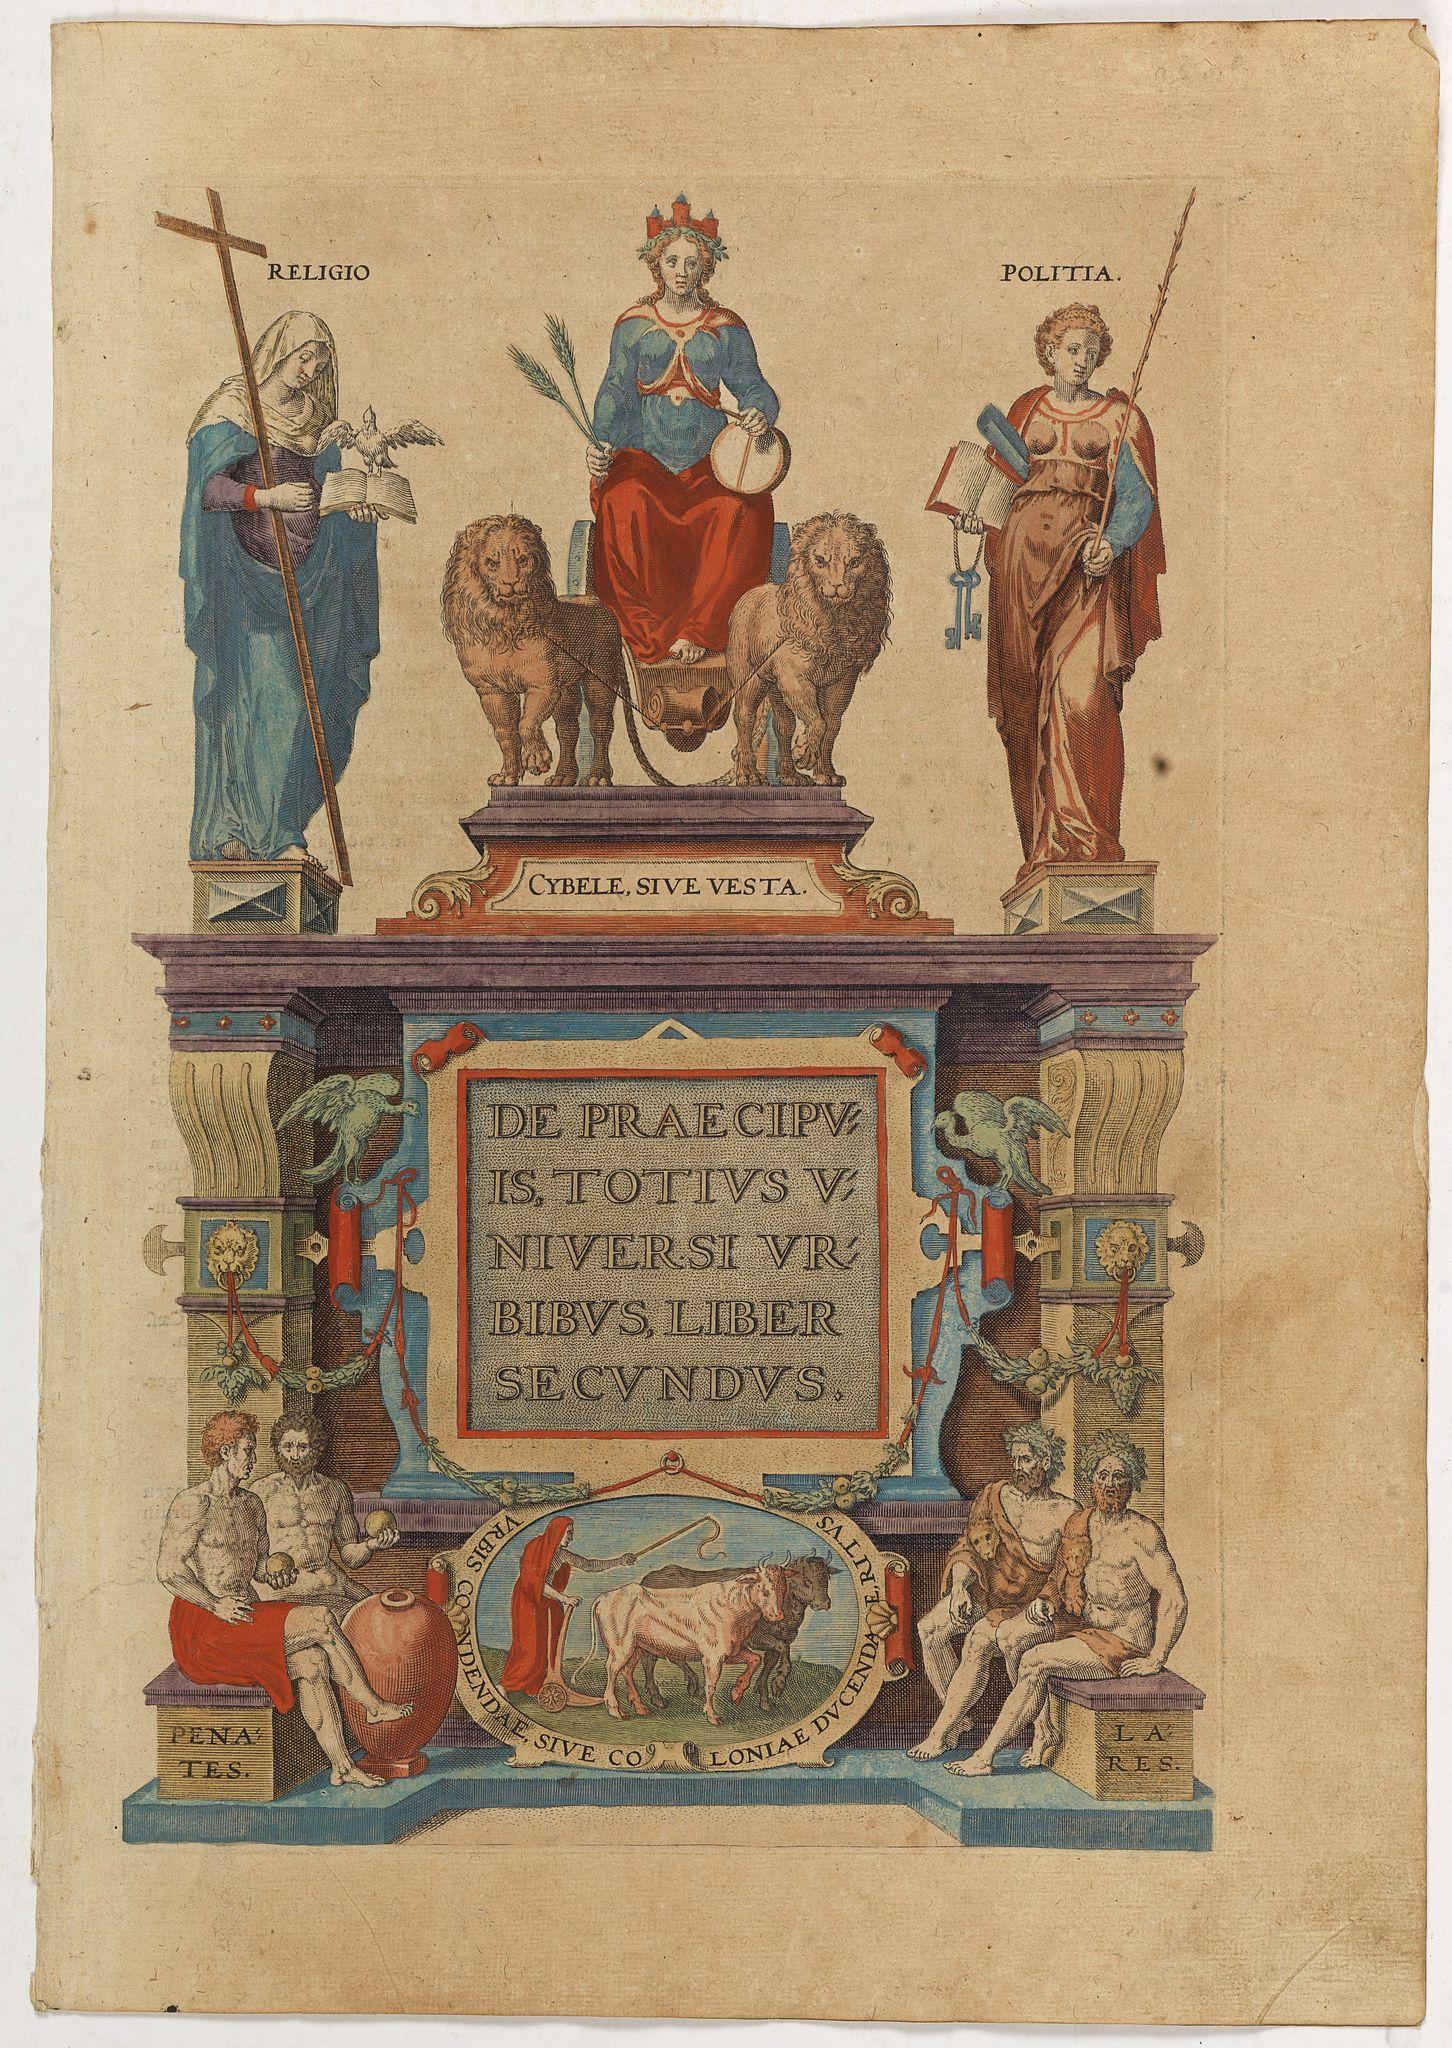 BRAUN,G. / HOGENBERG, F. -  [Title page] De Praecipuis, Totius Universi Urbibus, Liber Secundus.